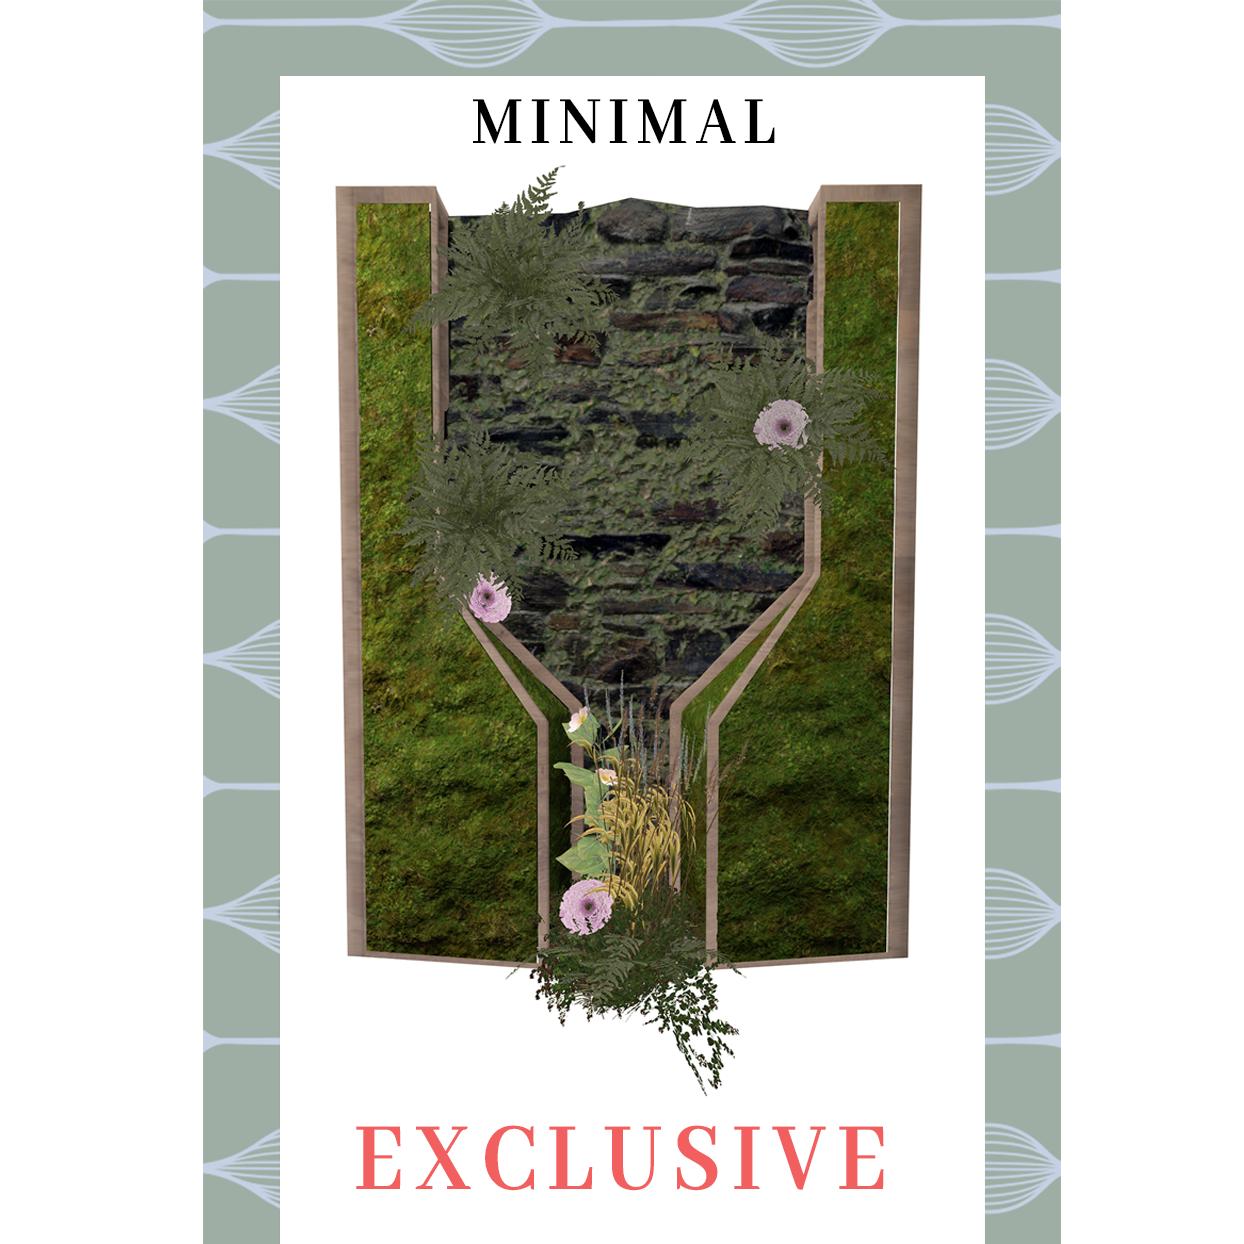 MINIMAL - Vege Exclusive Kevin.png